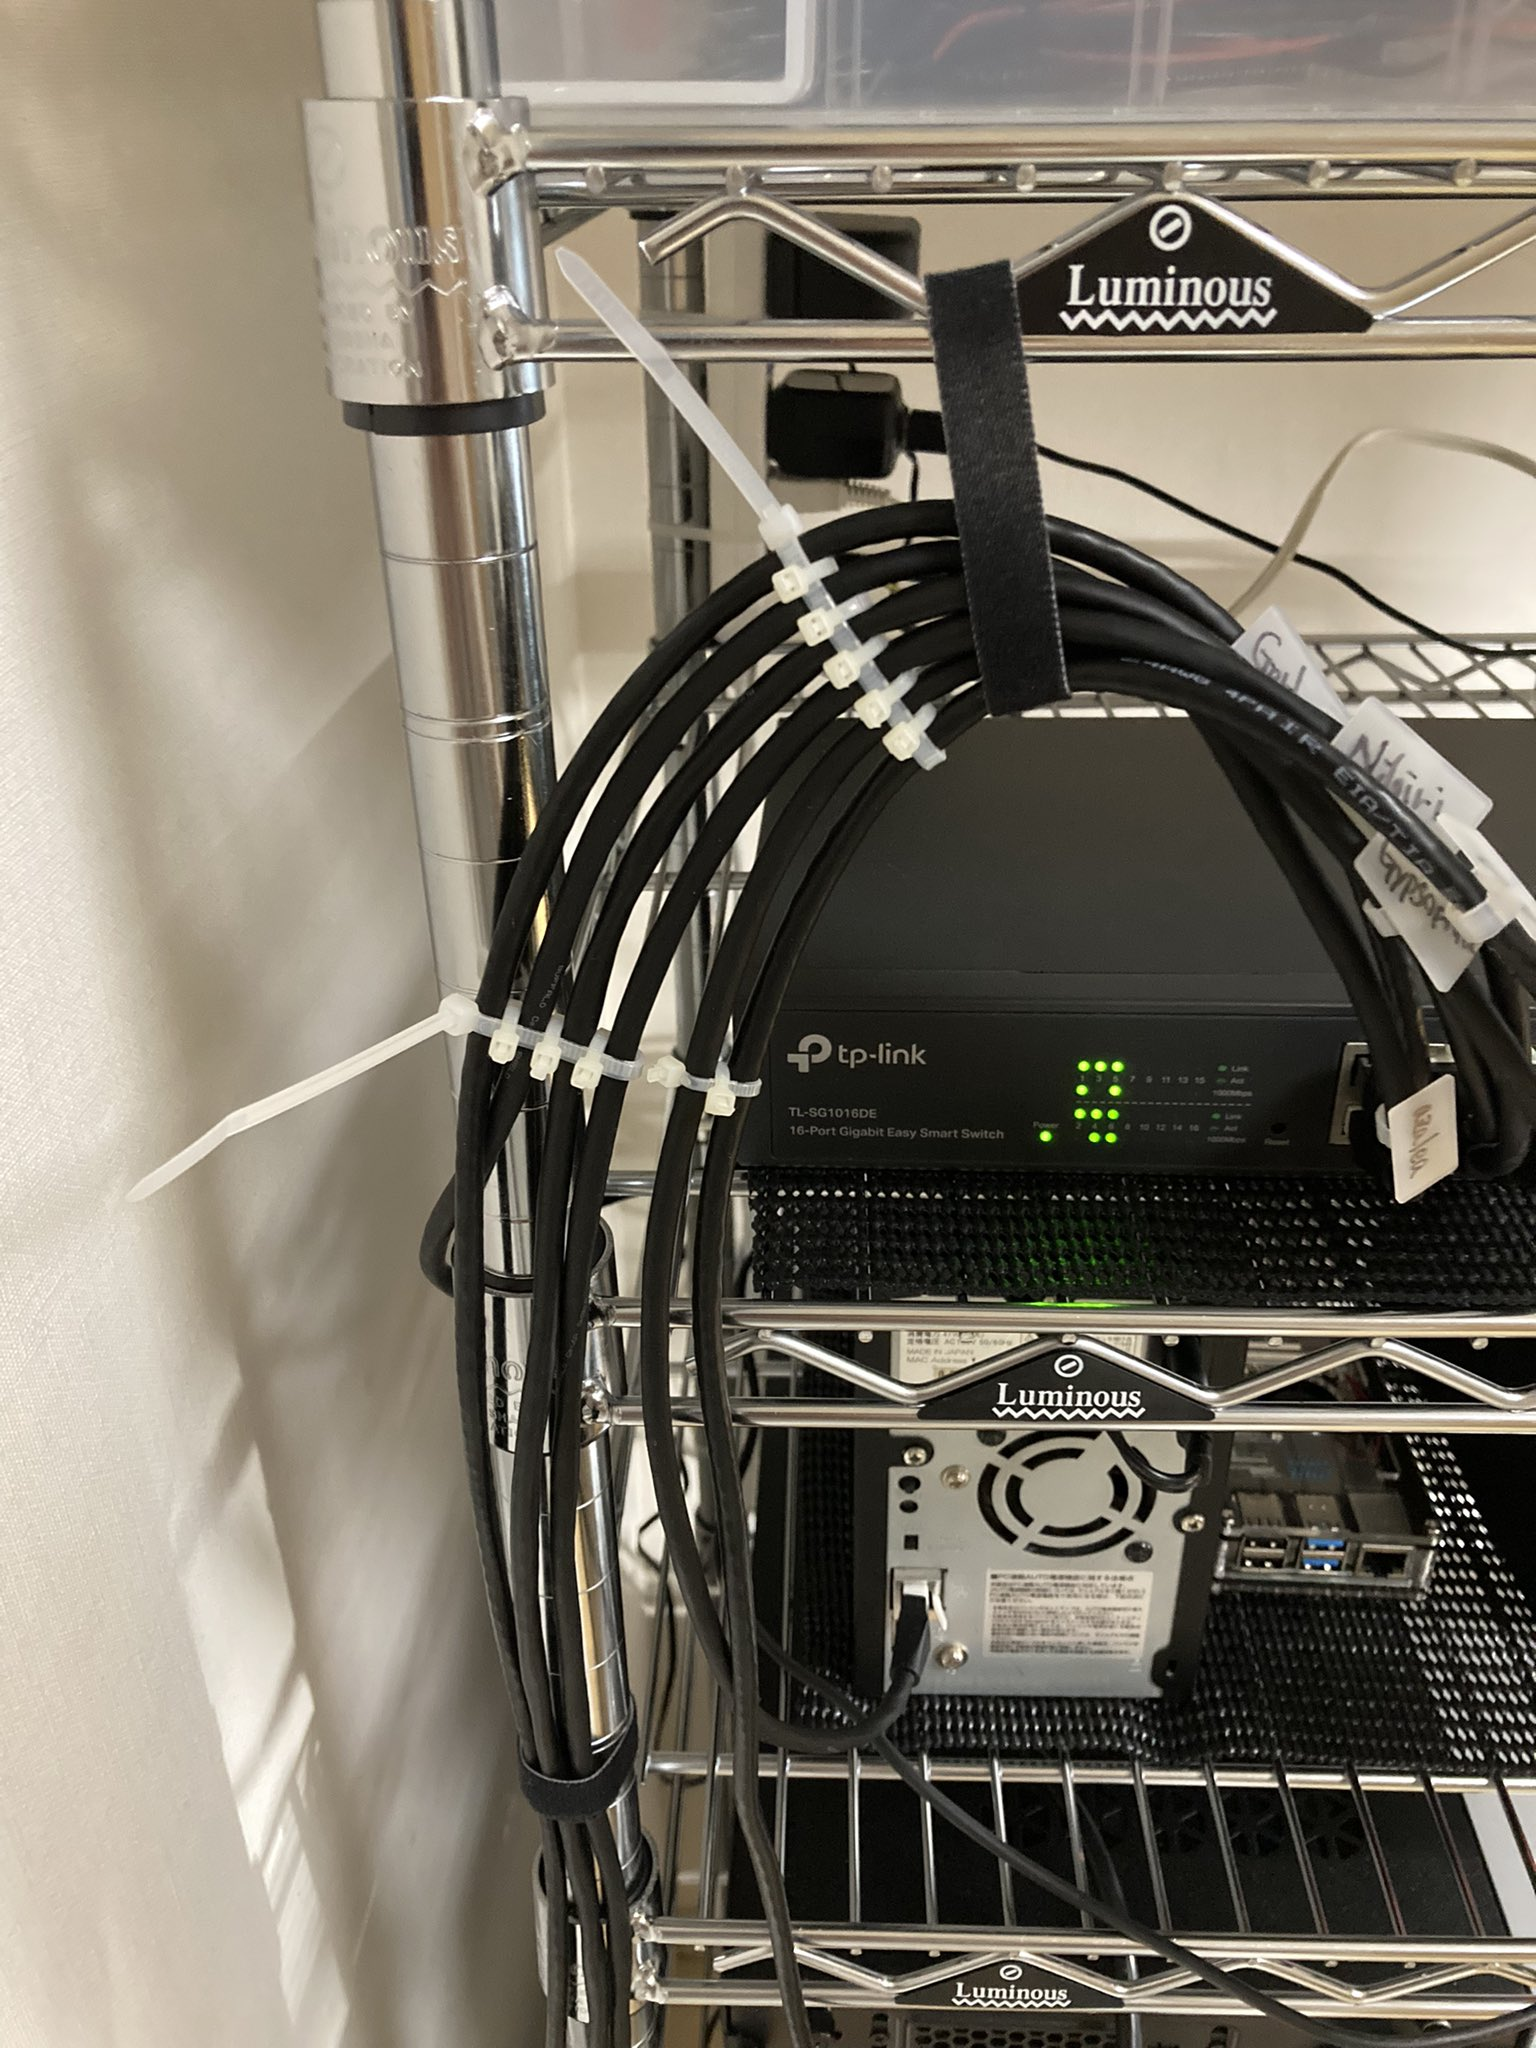 cabling.jpg (426.0 kB)